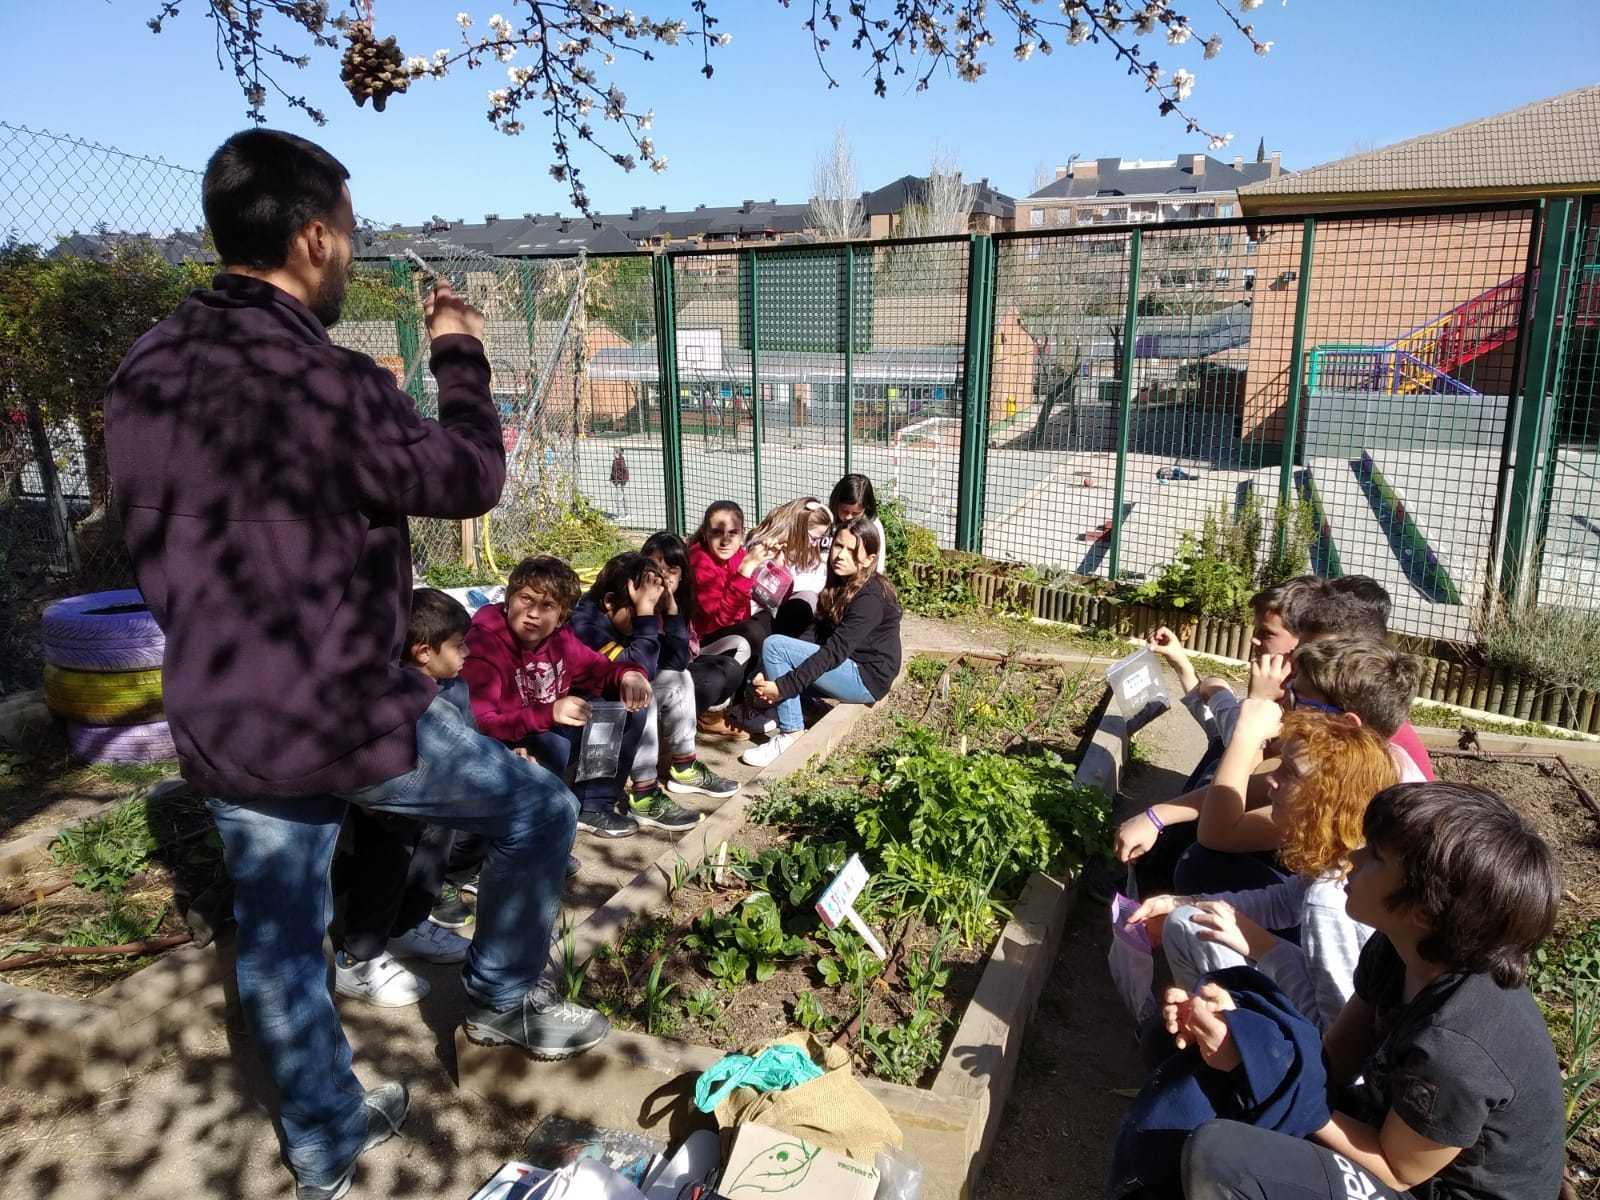 2019_02_24_Quinto termina febrero con las actividades de huerto_CEIP FDLR_Las Rozas_2019 3